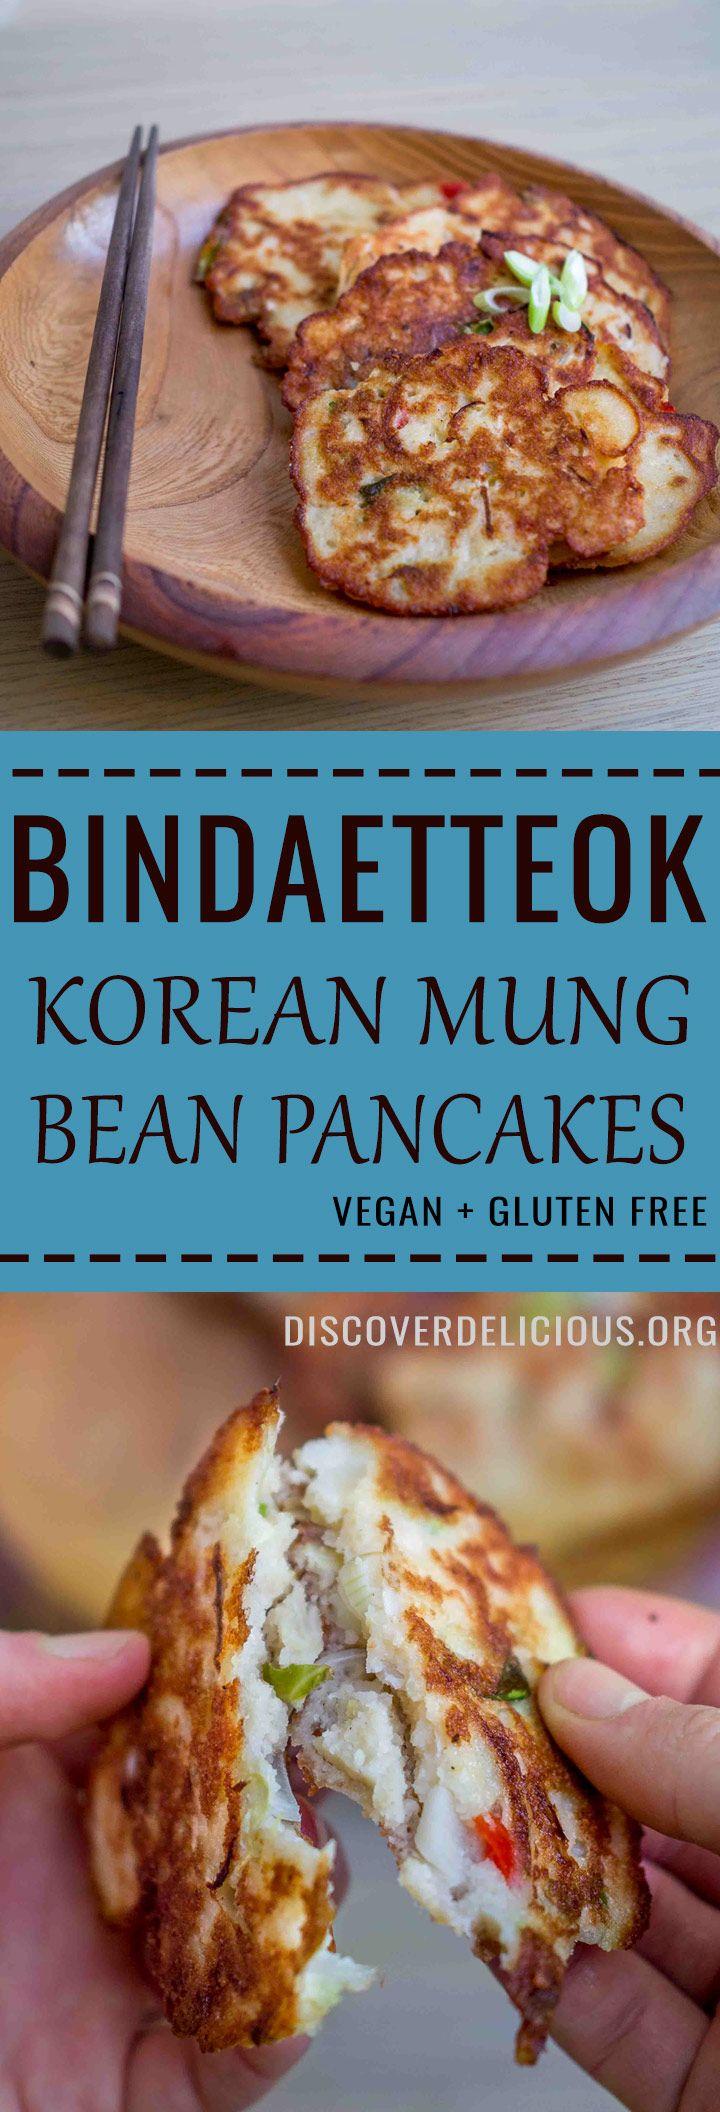 Vegan Bindaetteok - Korean Mung Bean Pancakes. Gluten free   discoverdelicious.org